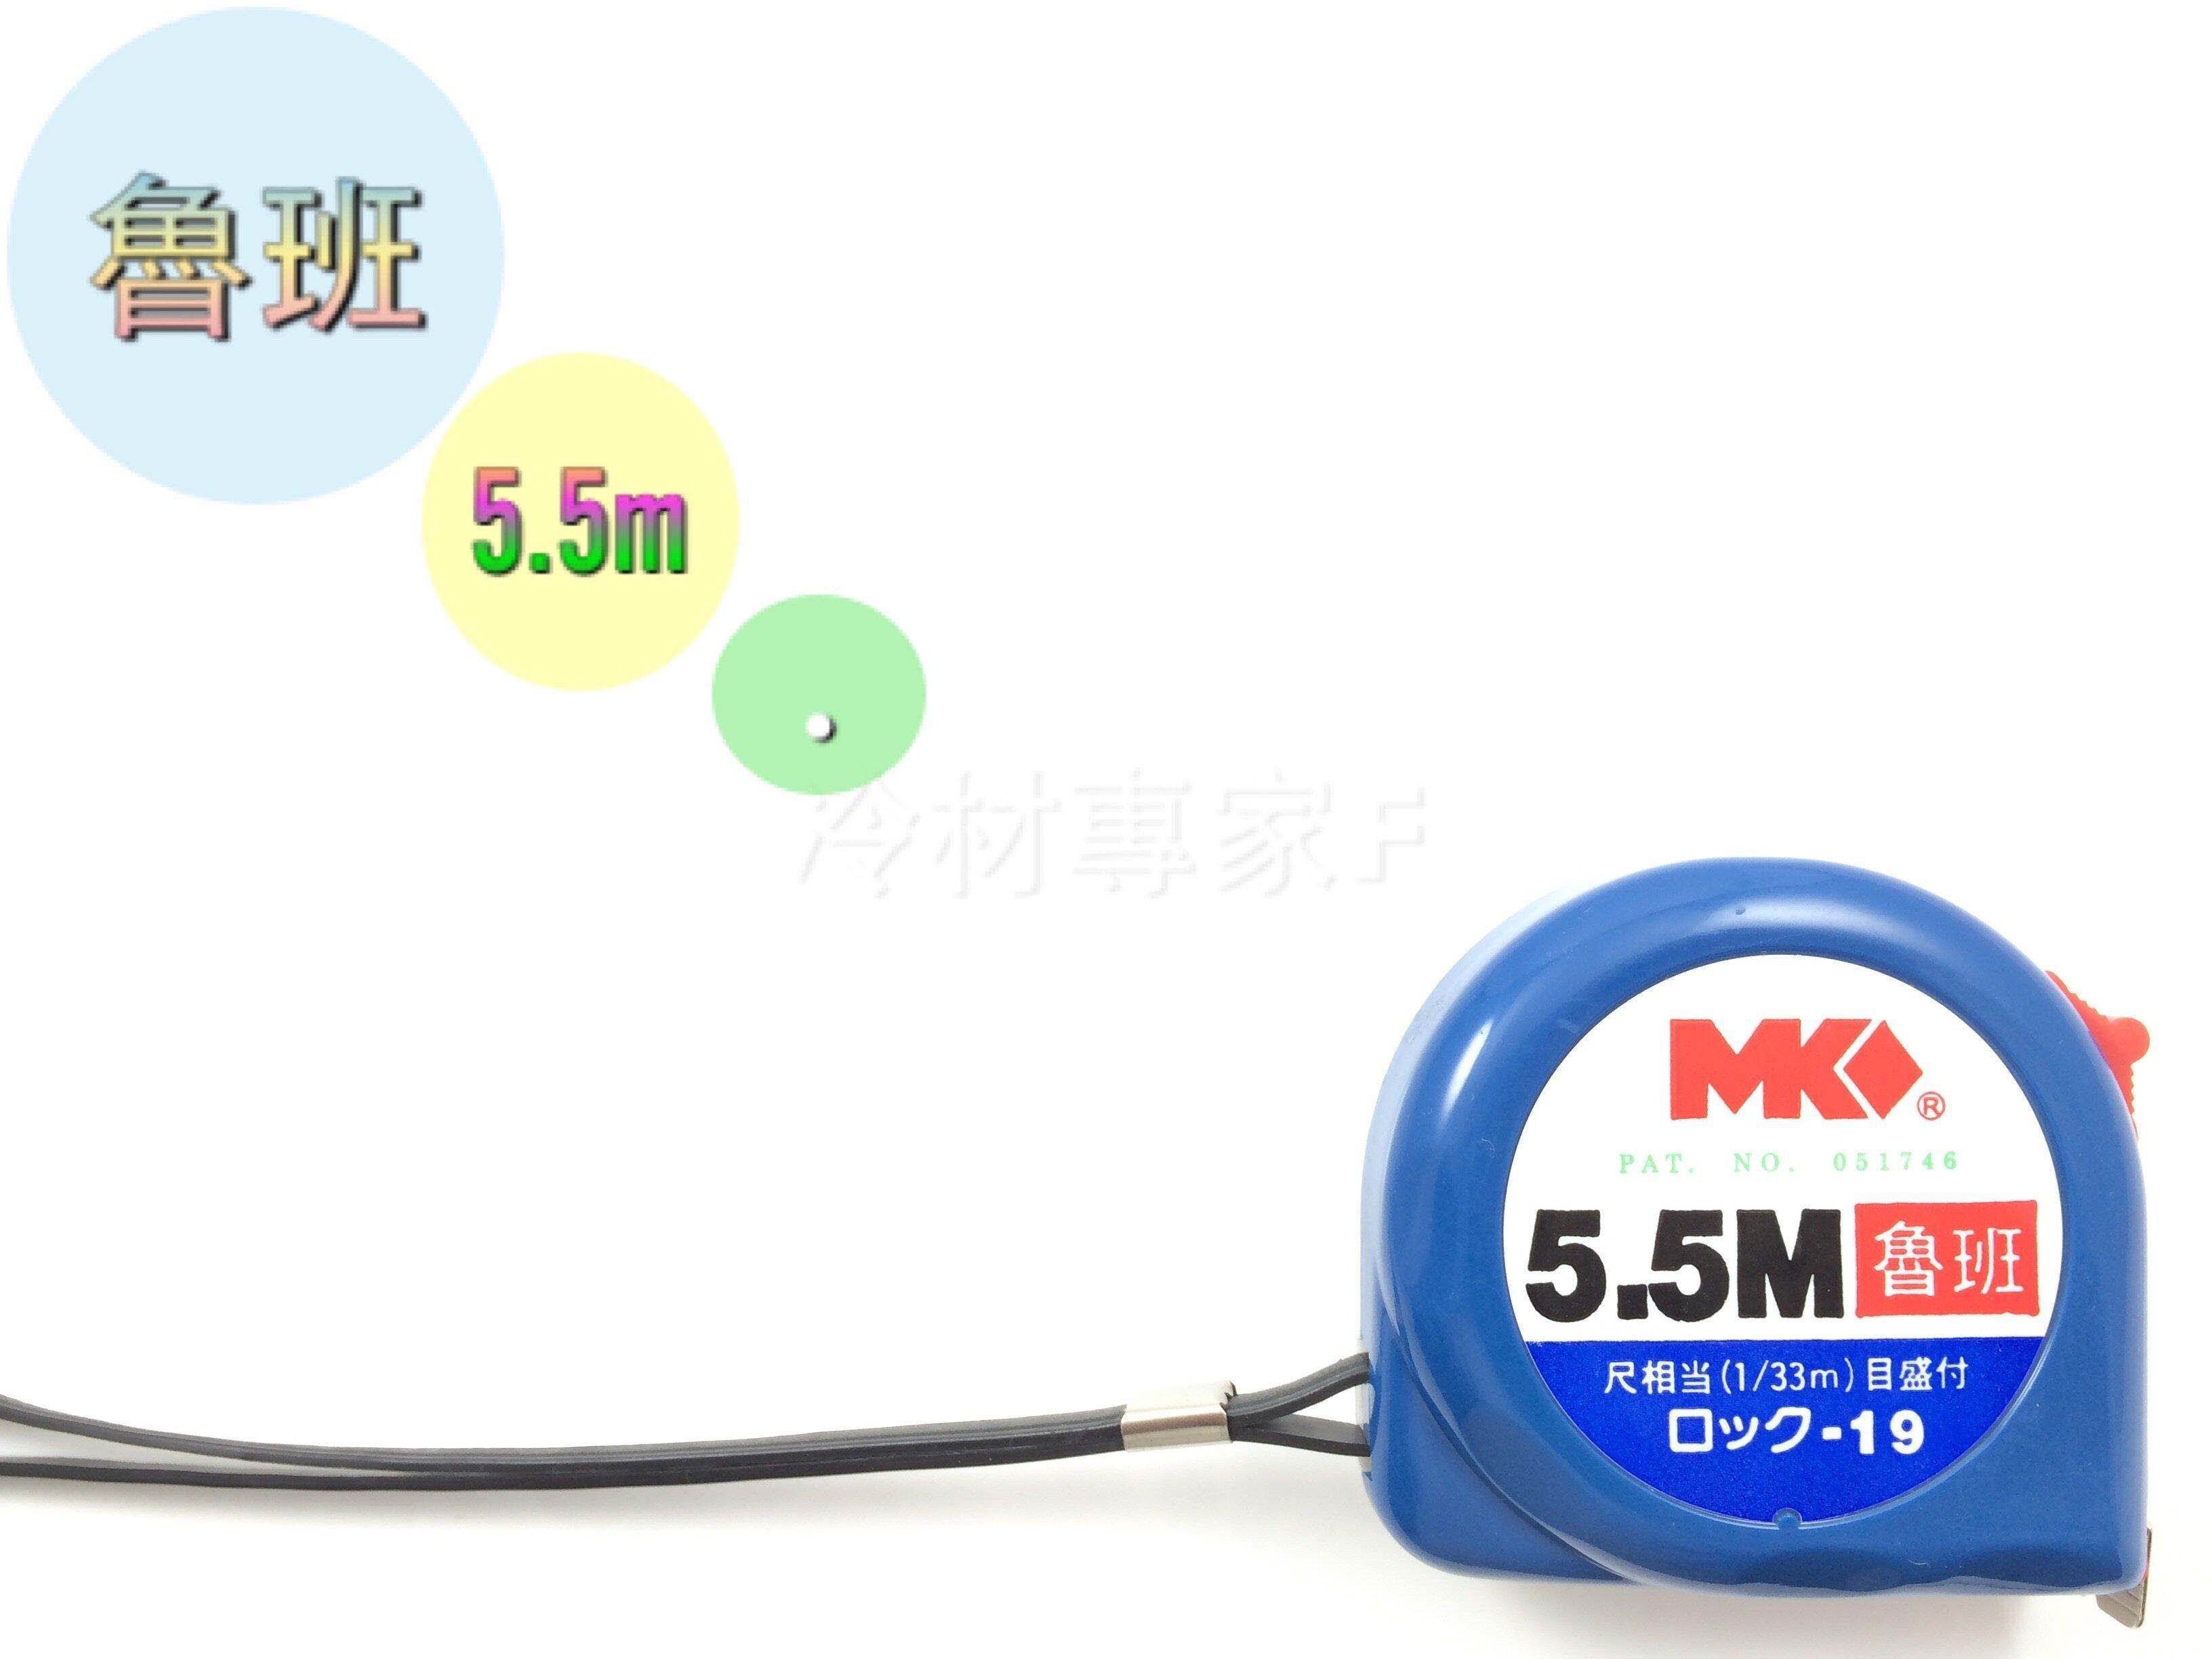 《MK魯班尺》卷尺 米尺 台尺 公分尺 測量 量距離 冷氣冷凍空調 工具